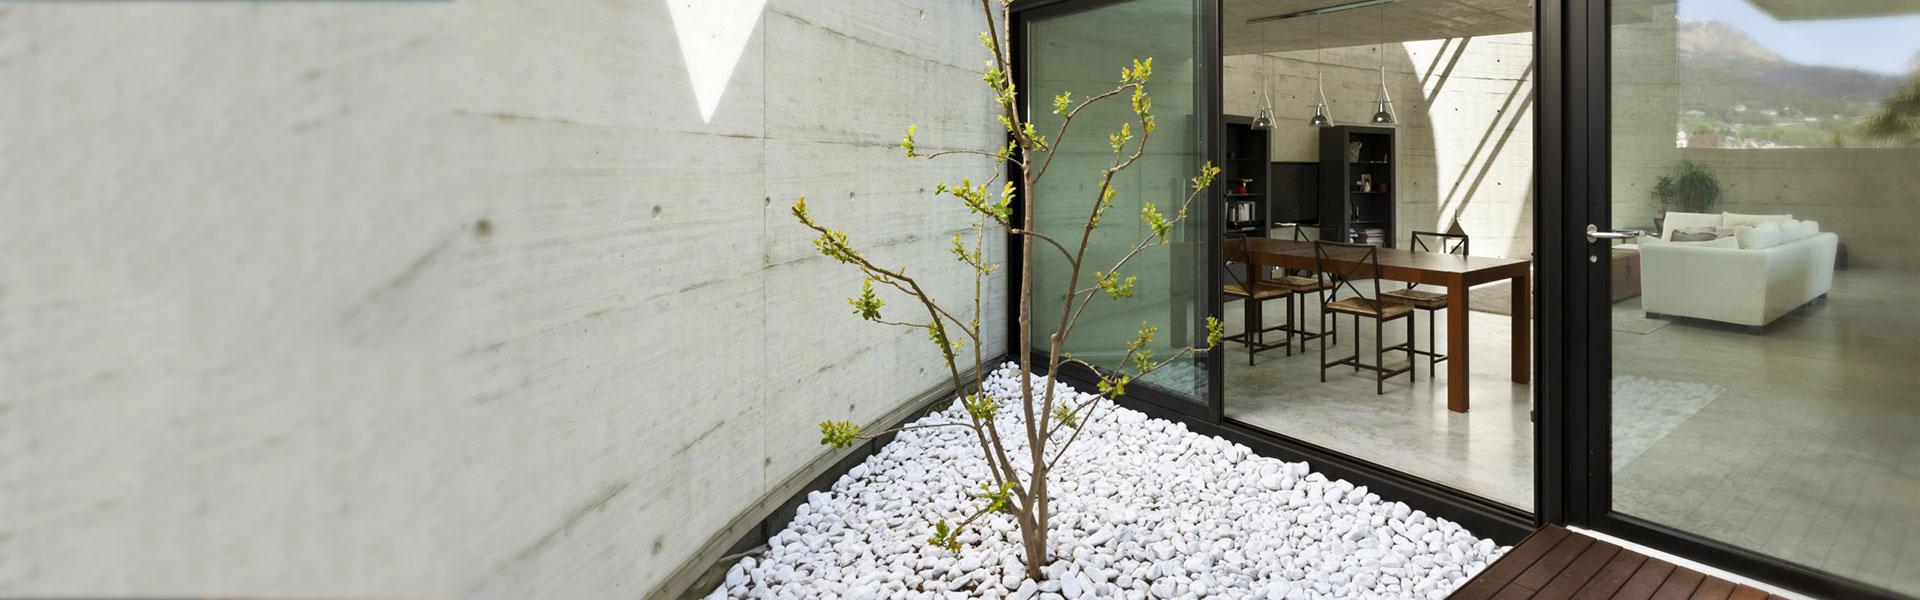 Sud Agrégats : Vente Et Livraison D'agrégats À Montpellier ... concernant Jardin Avec Galets Blancs